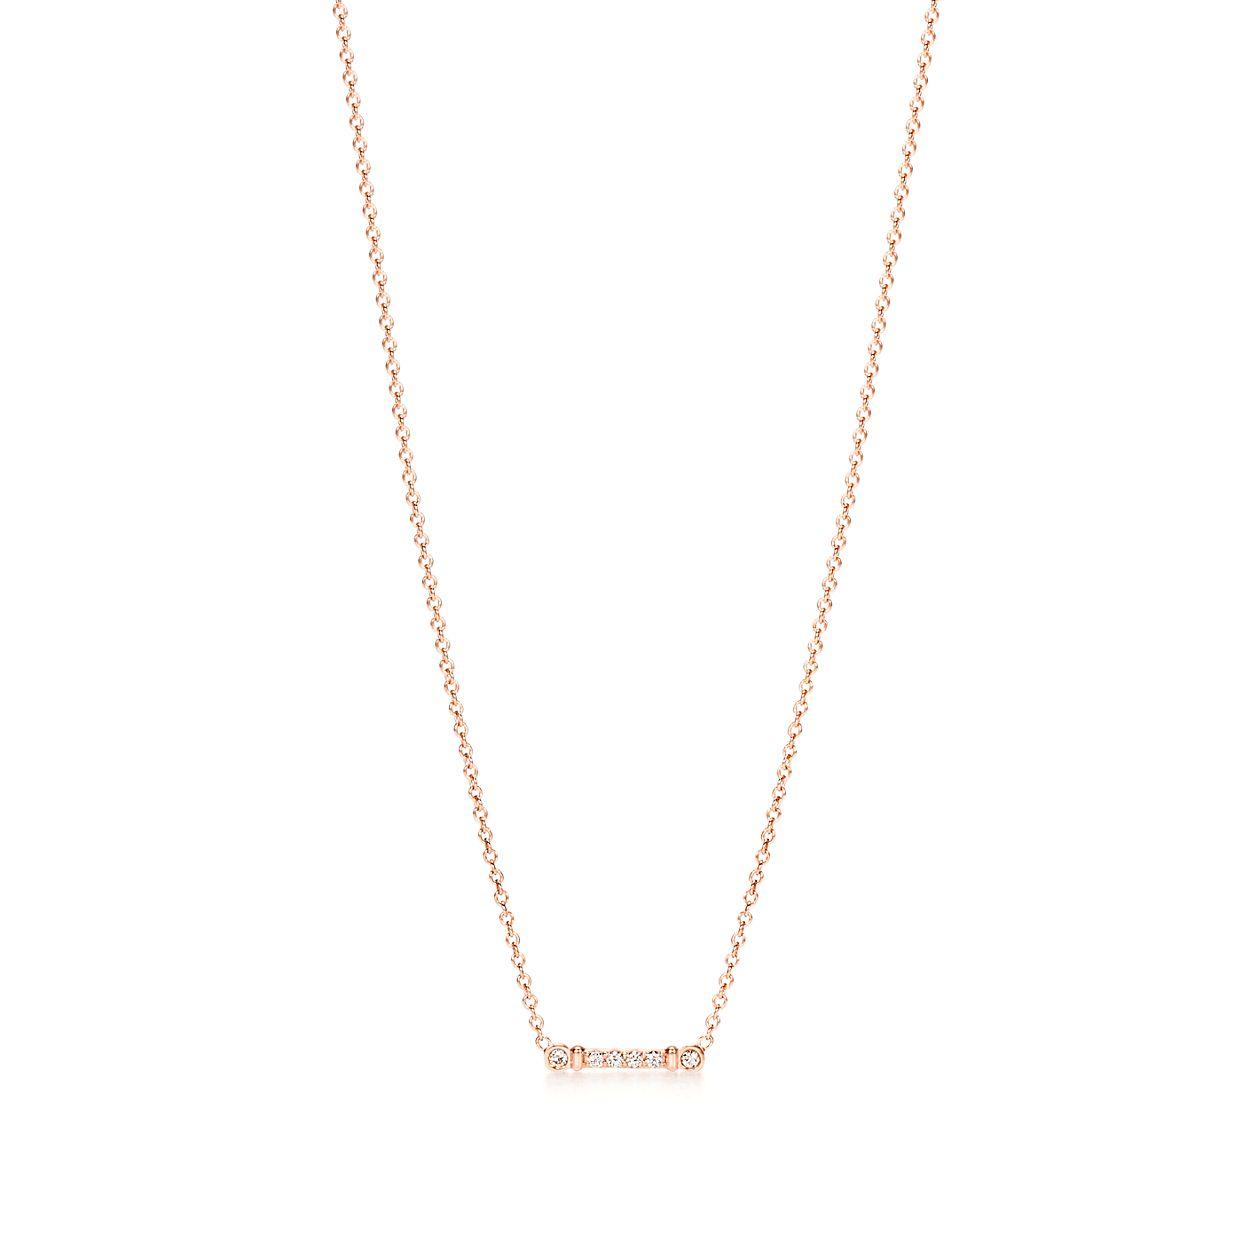 Pendentif Tige Fleur de Lis Tiffany en or rose 18 carats et diamants ... 4390cb25fc5a